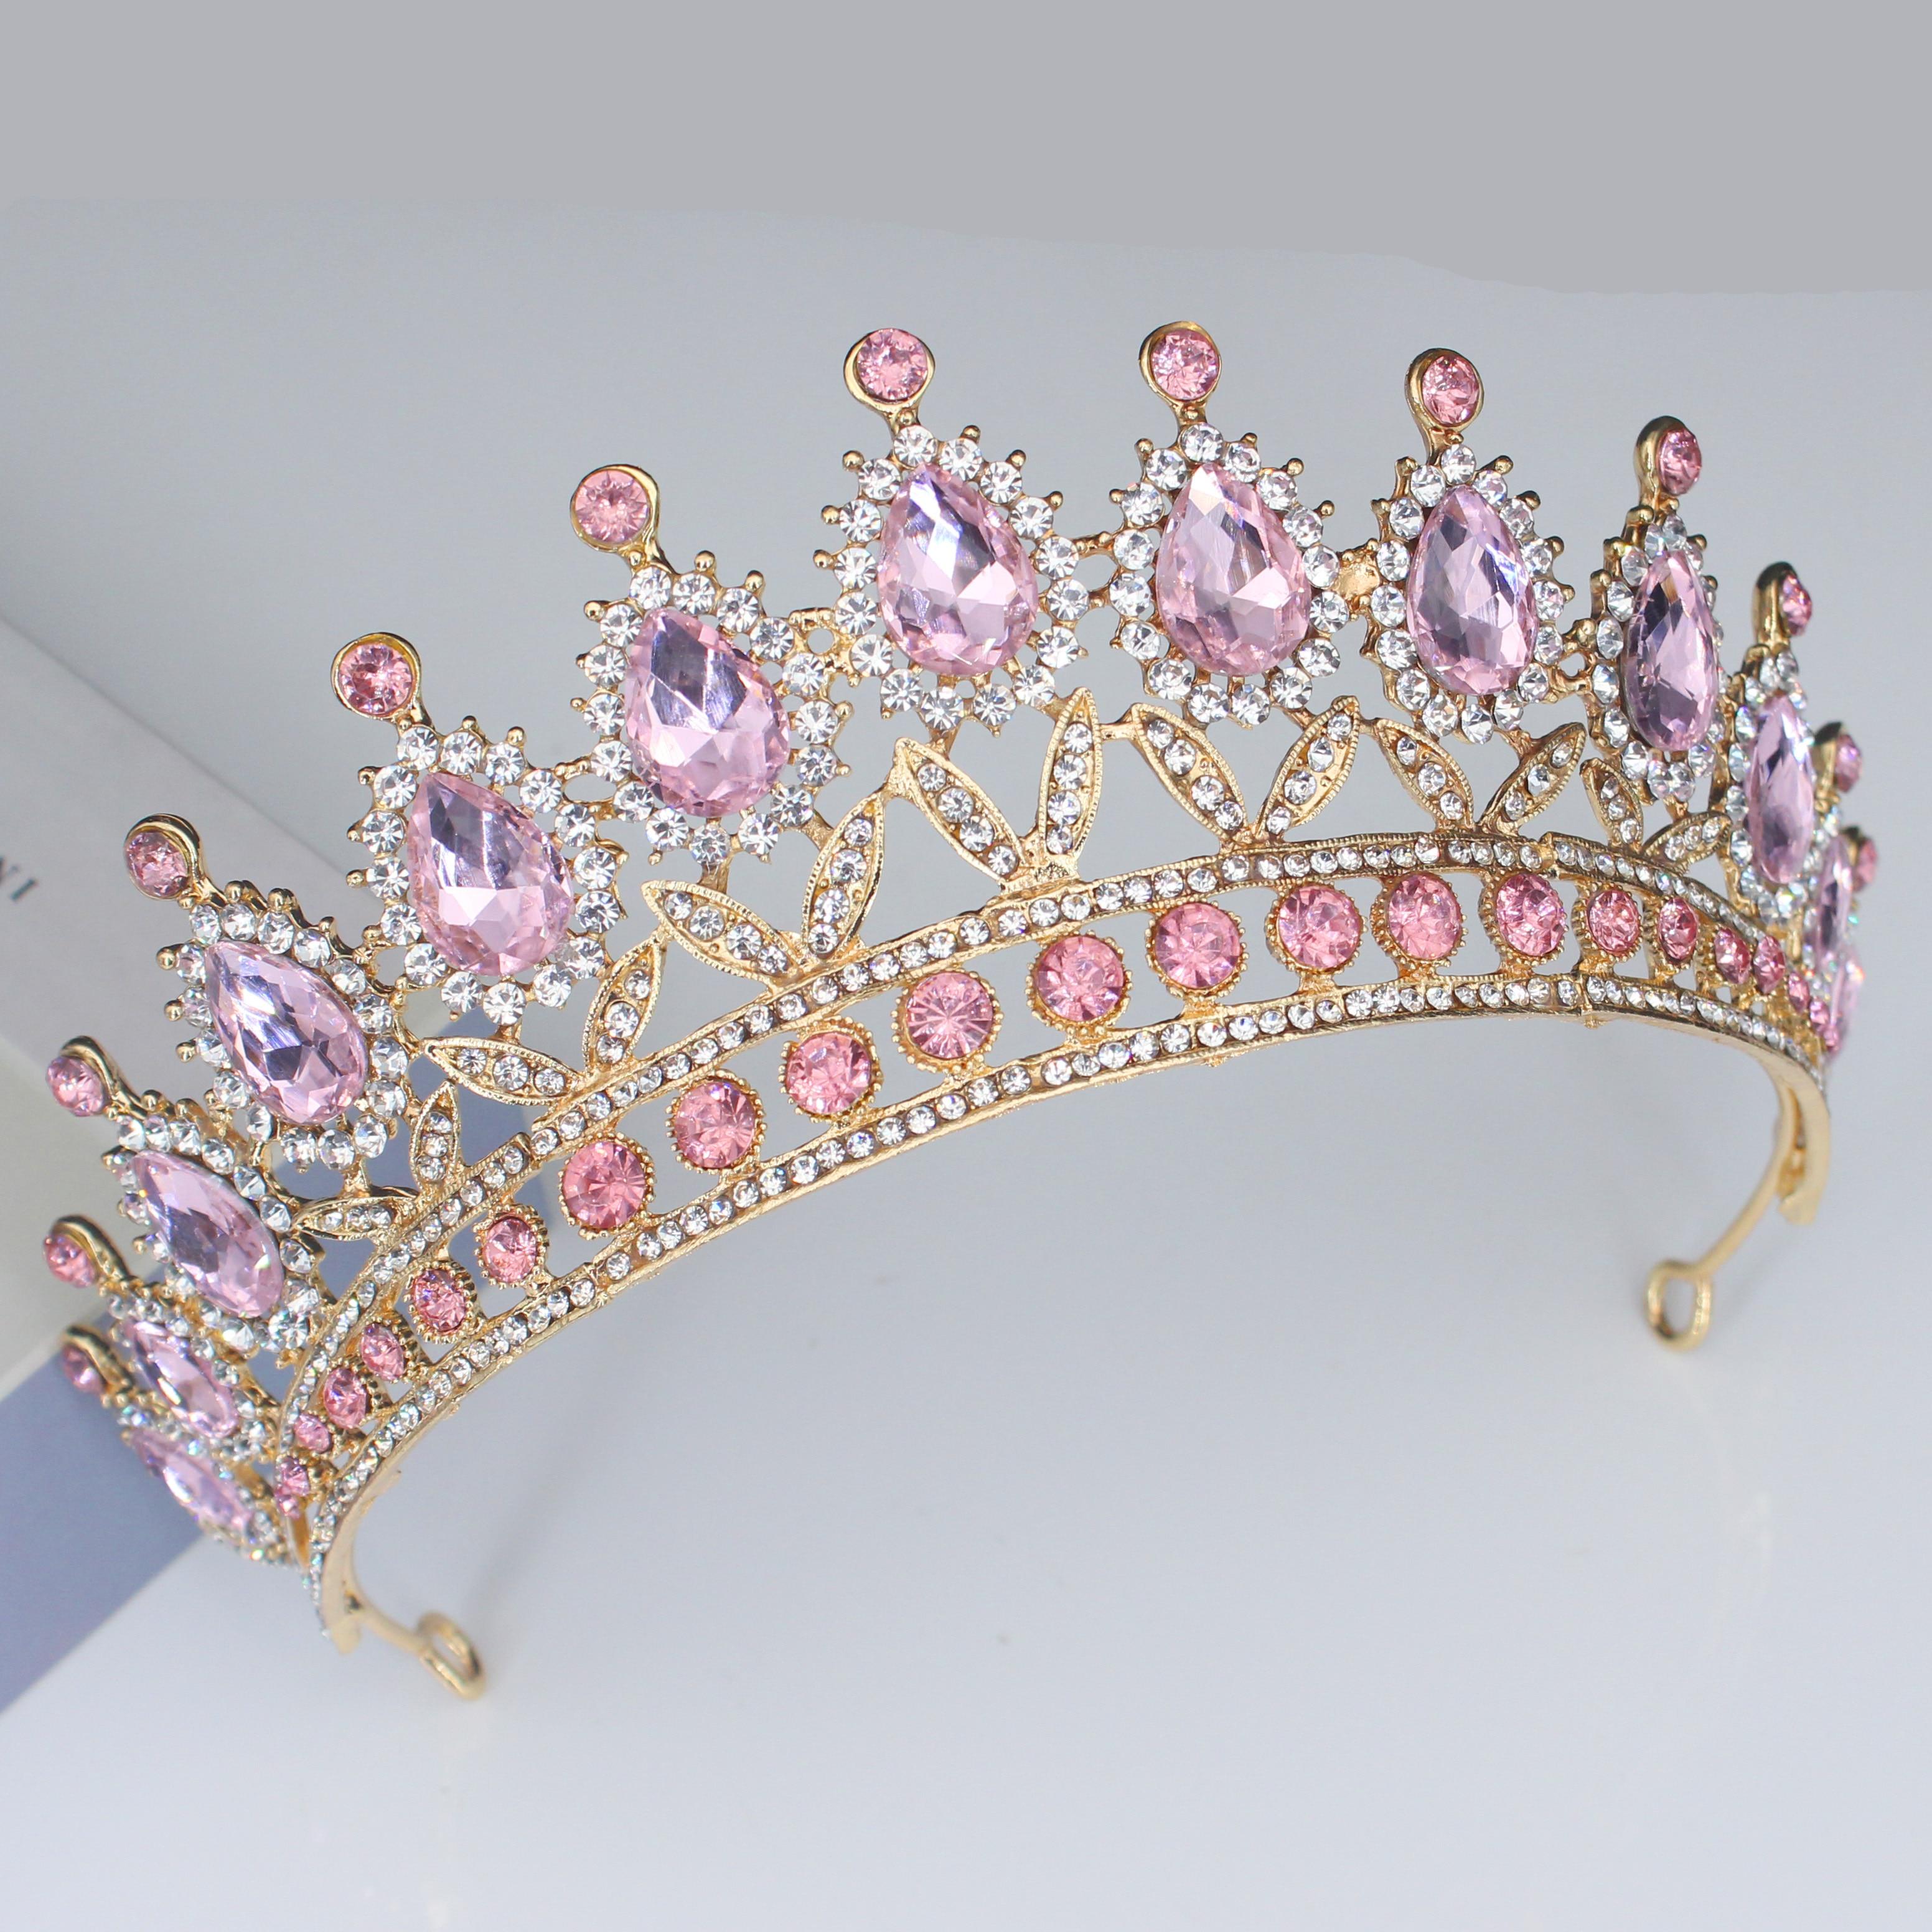 Kristall Rosa Königin Prinzessin Tiaras und Kronen Braut Stirnband Frauen Mädchen Prom Party Diadem Hochzeit Haar Schmuck Zubehör